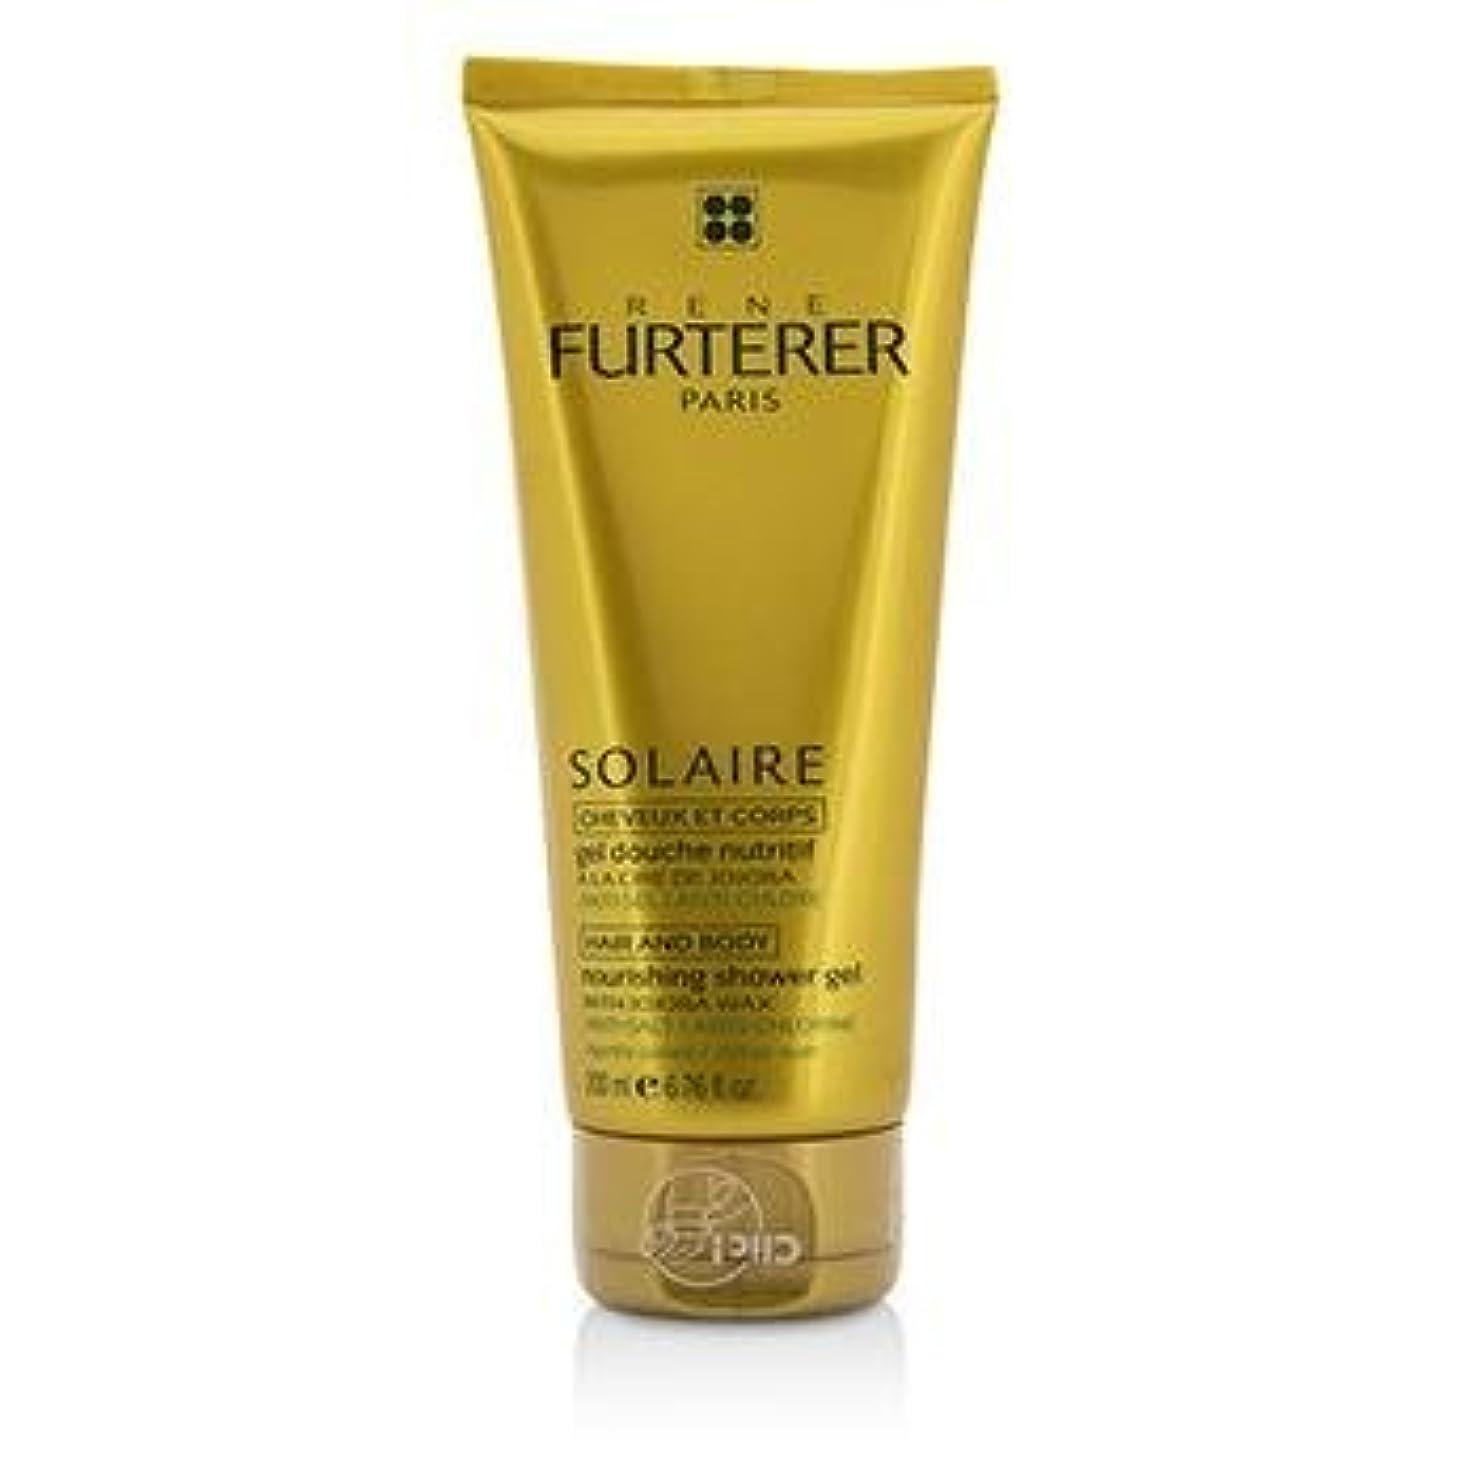 投獄快適解決するルネ フルトレール Solaire Nourishing Shower Gel with Jojoba Wax (Hair and Body) 200ml